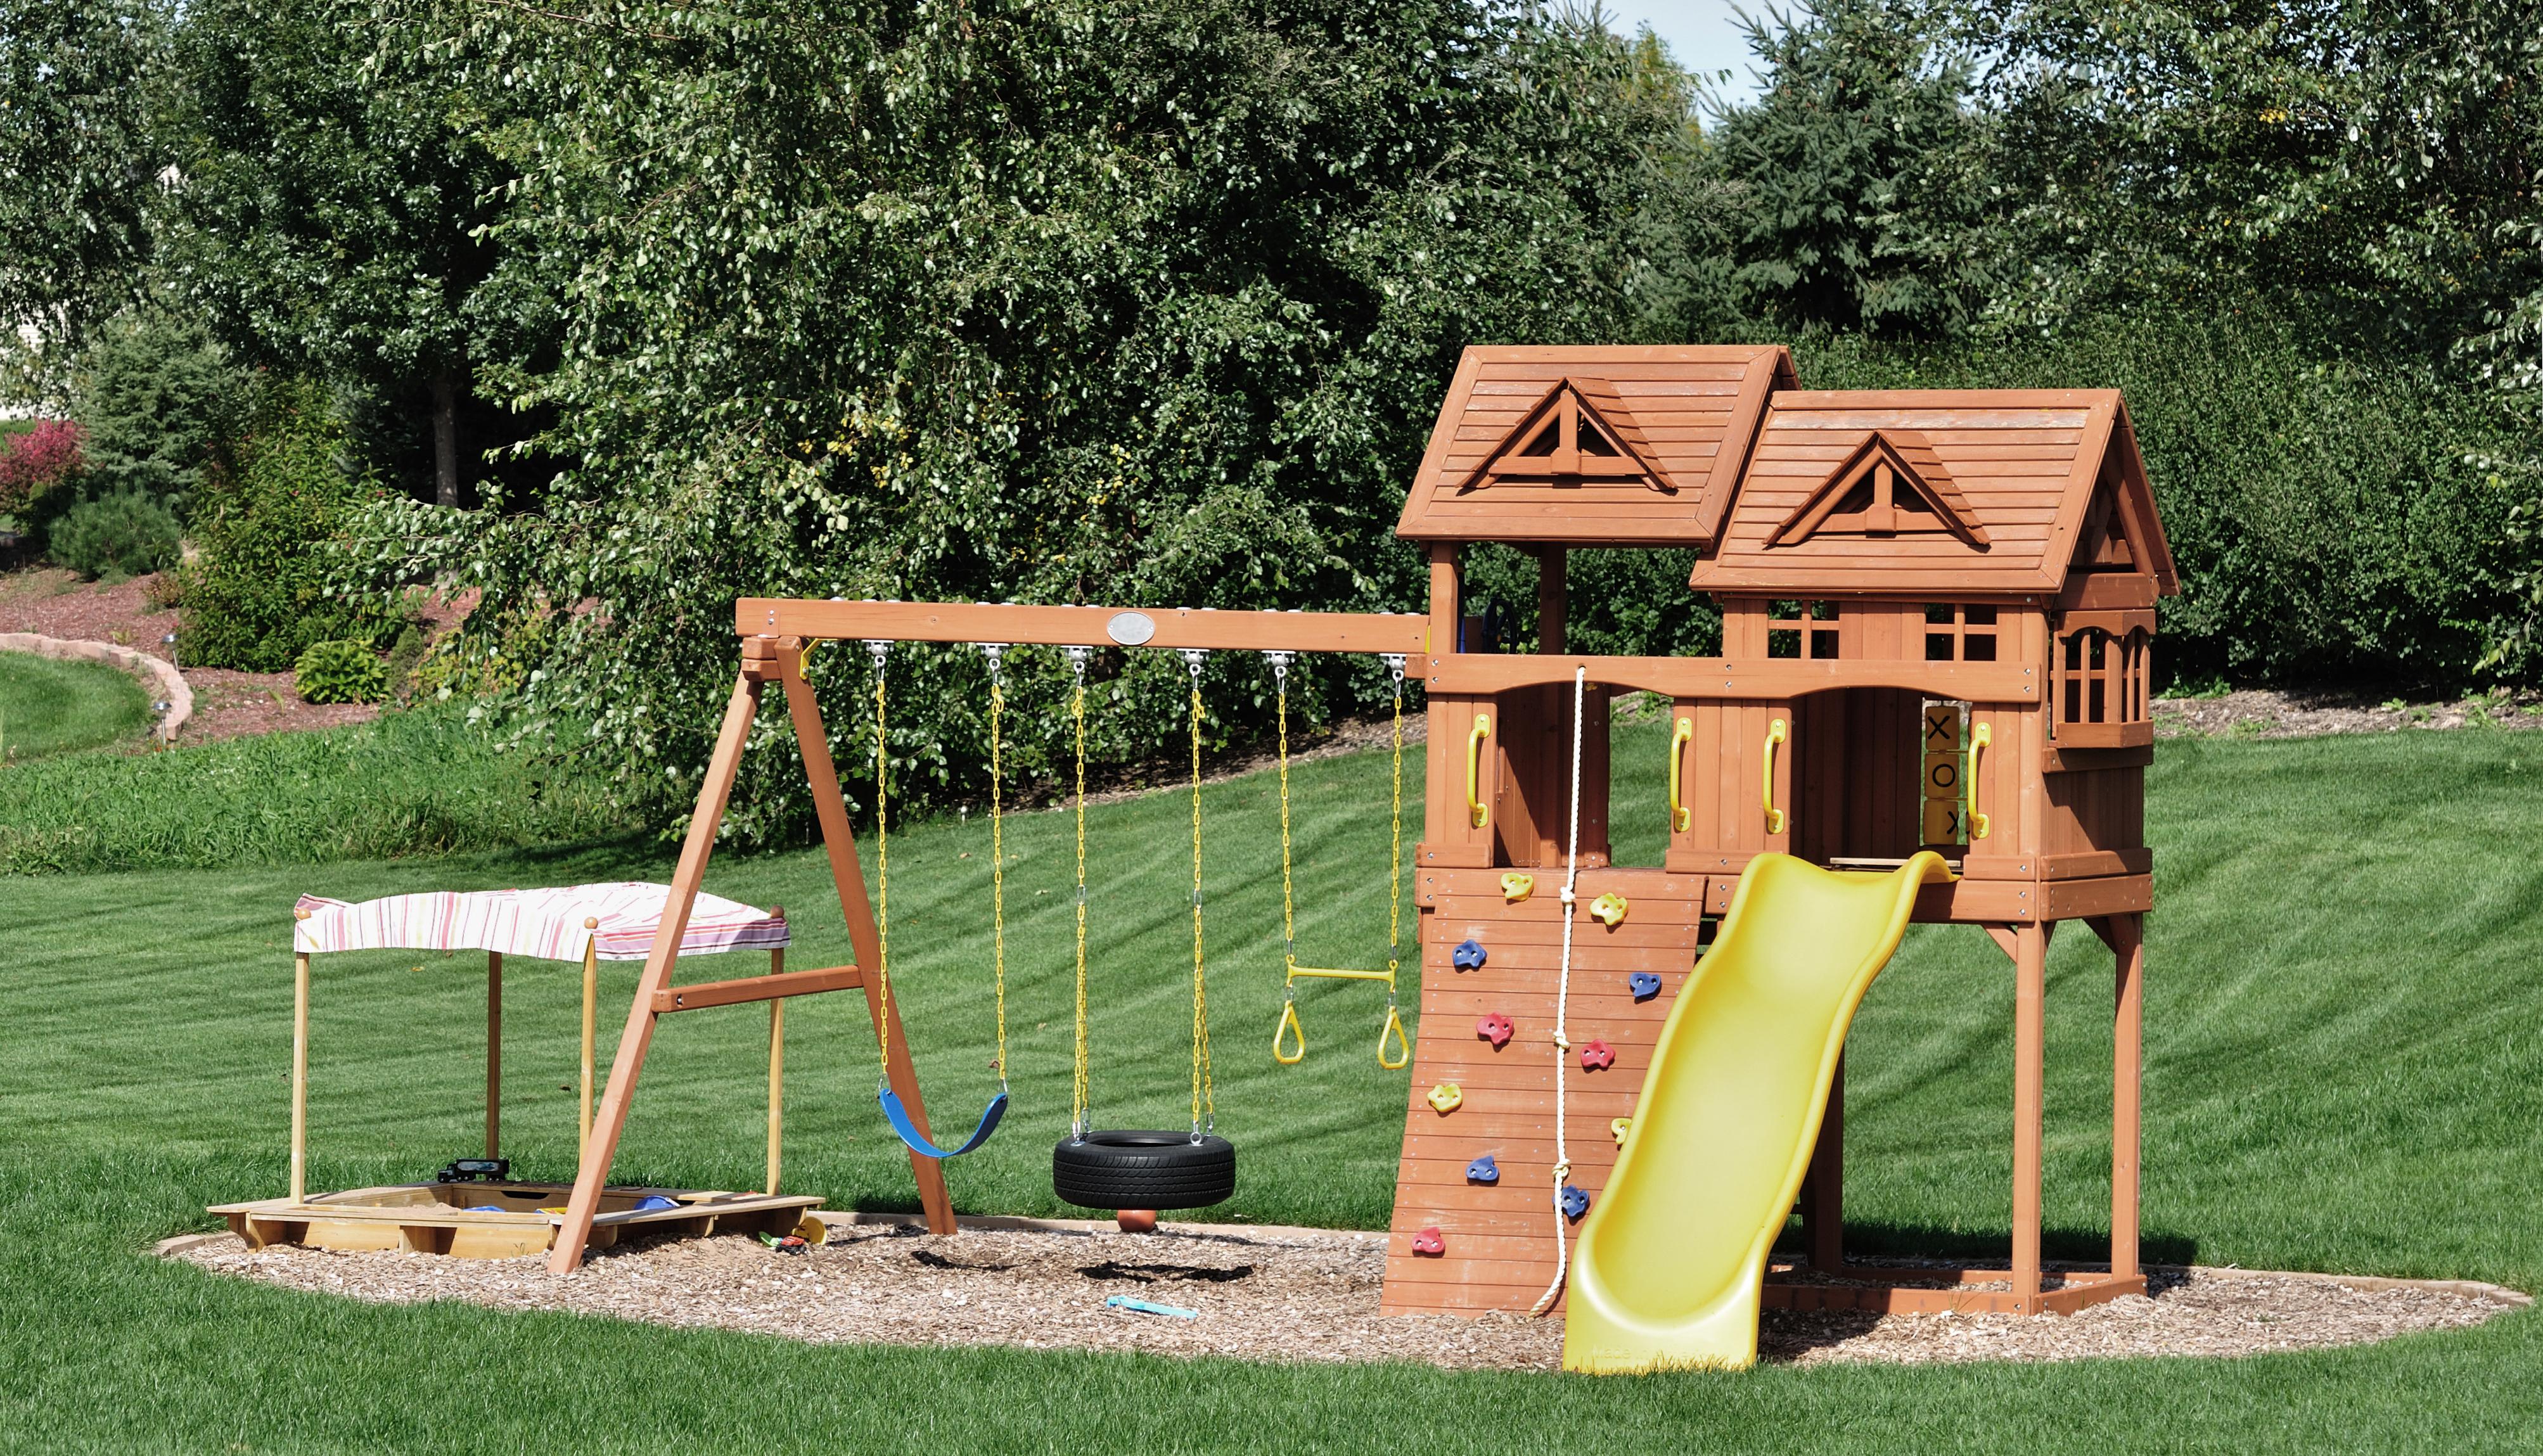 jardin am nager un espace de jeux pour les enfants. Black Bedroom Furniture Sets. Home Design Ideas